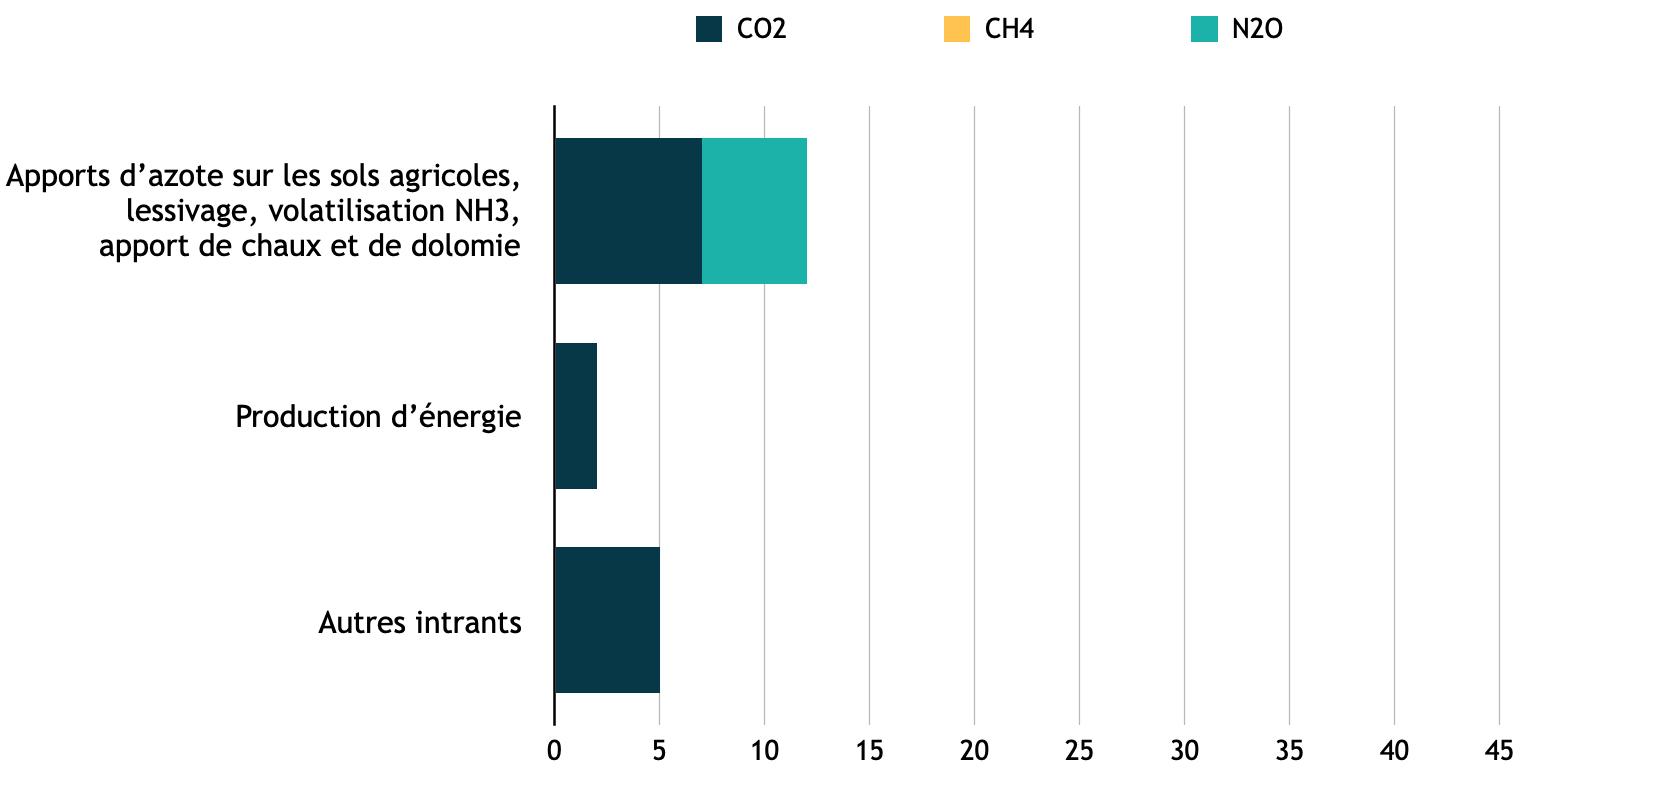 Emissions indirectes du secteur agricole français